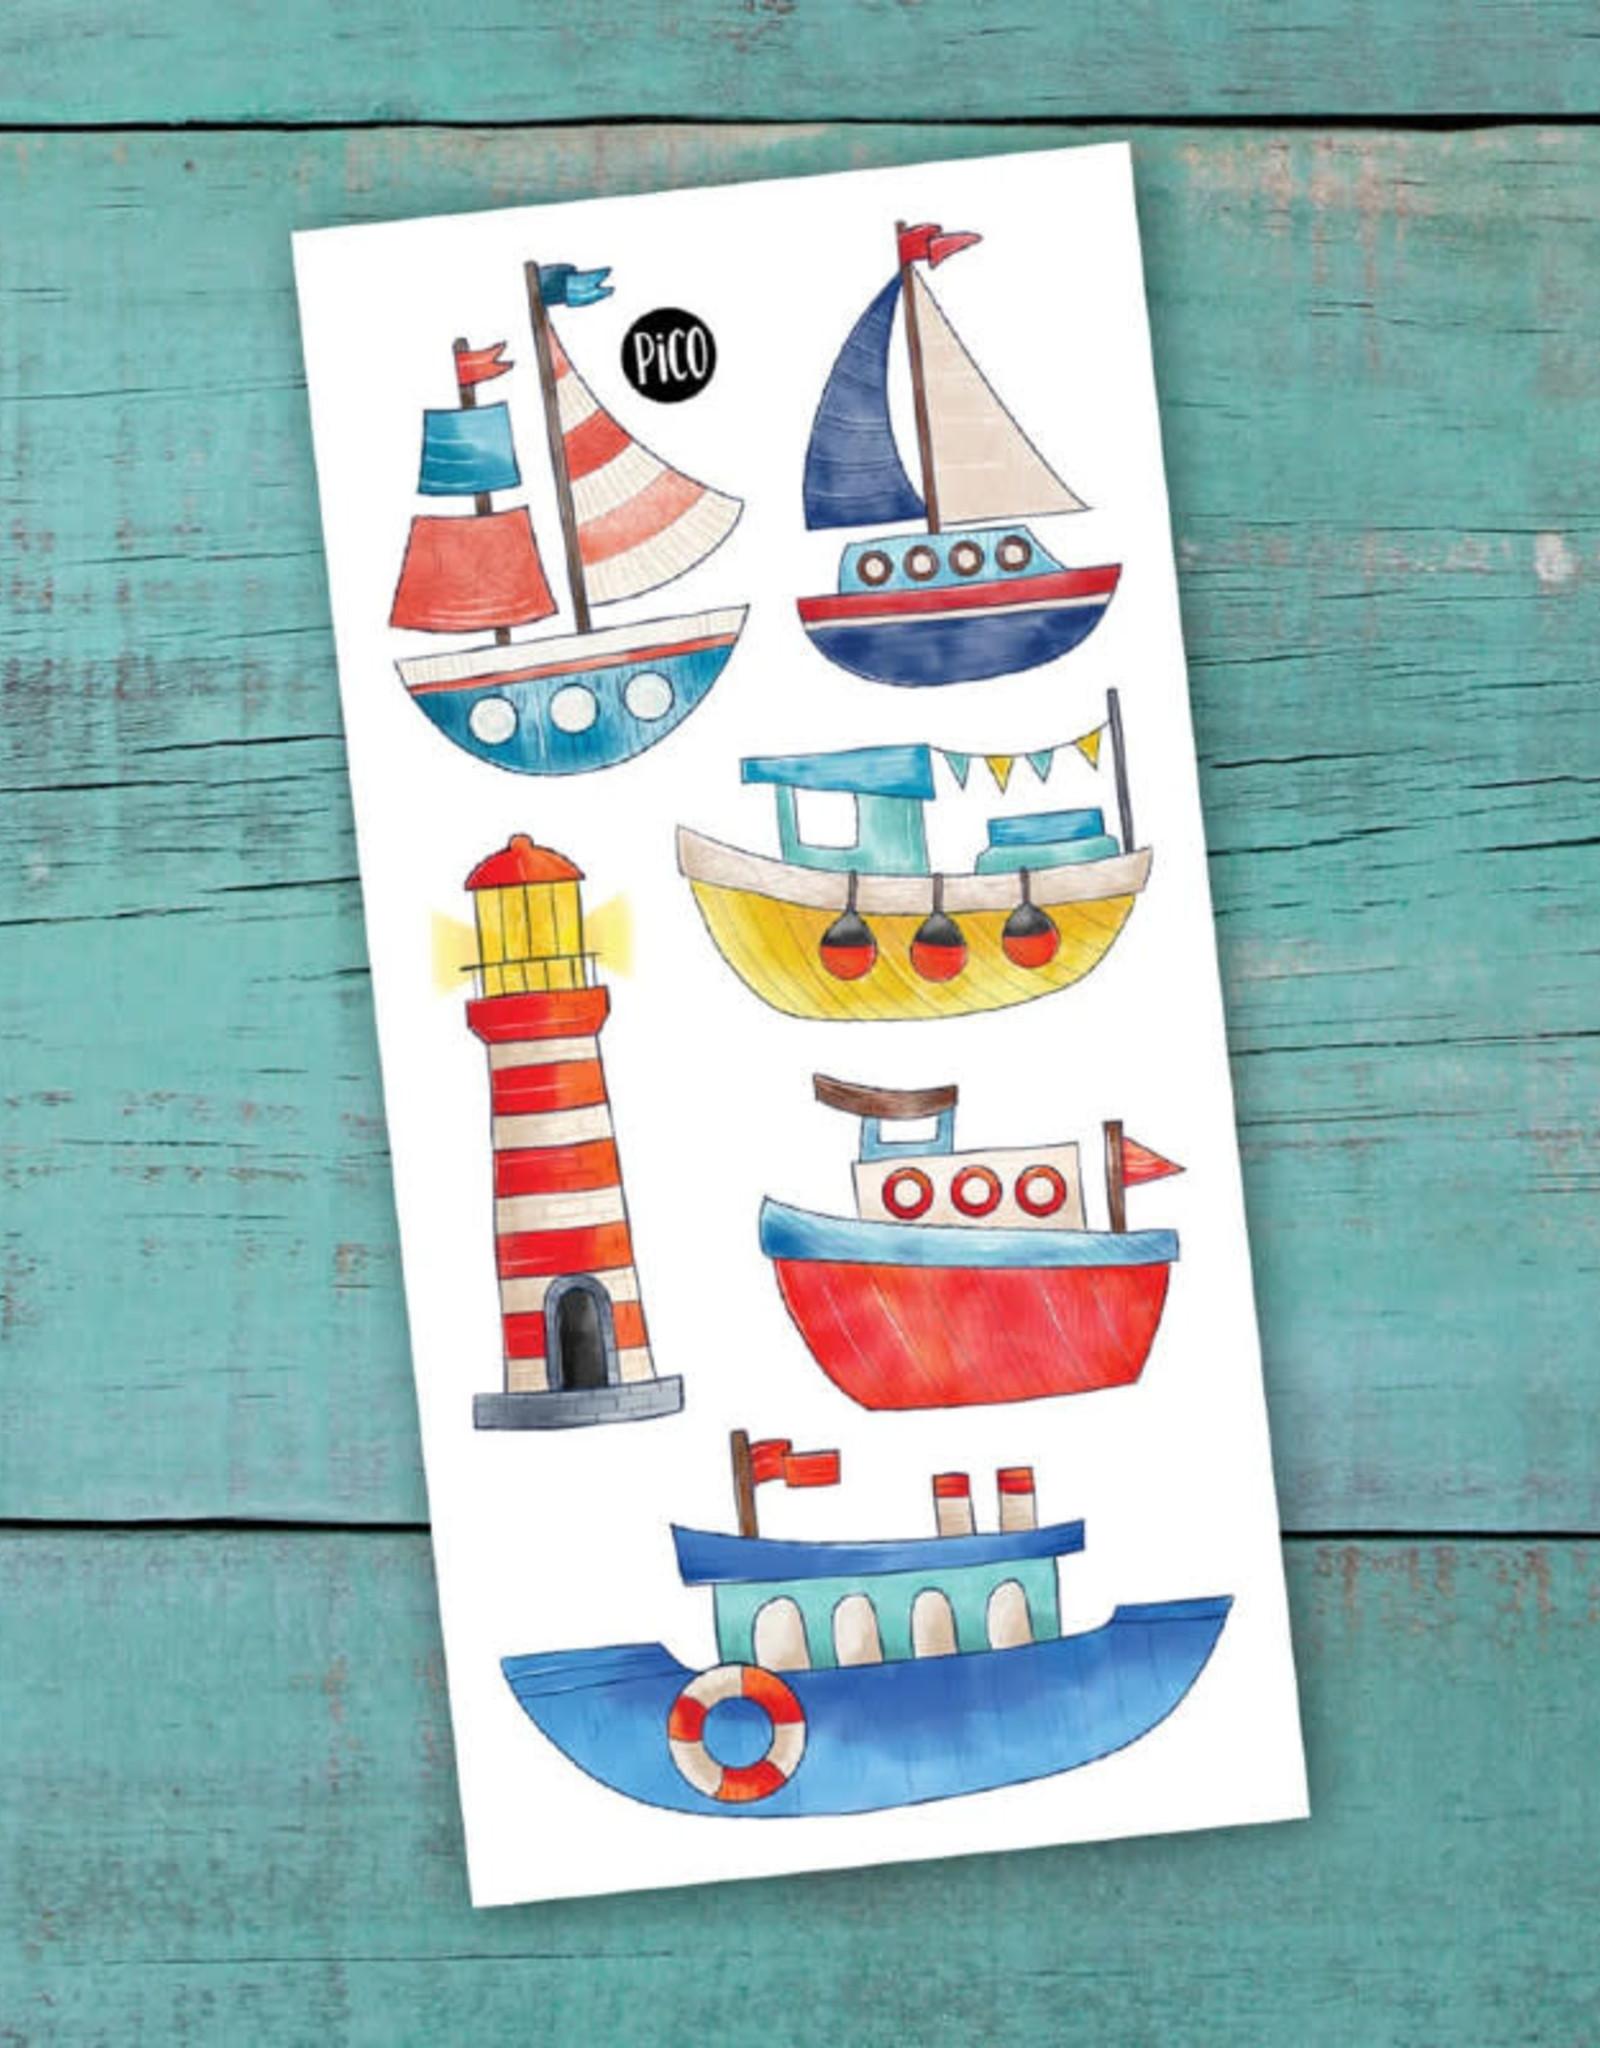 Pico Tatouage Pico Tatoo Vogue mon bateau